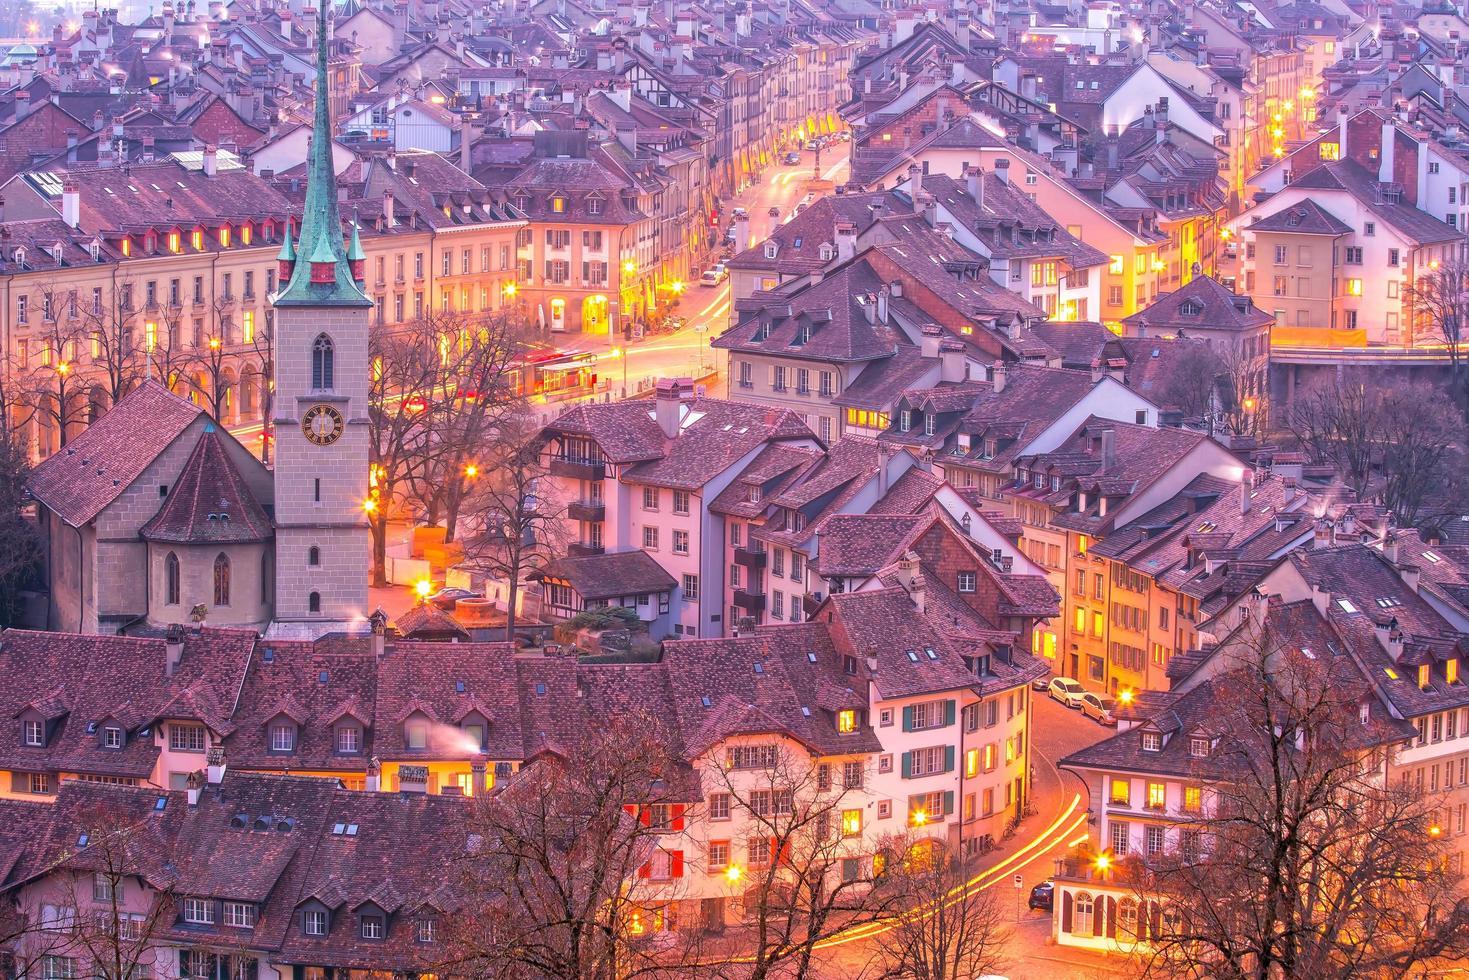 città vecchia di berna, capitale della svizzera in europa foto